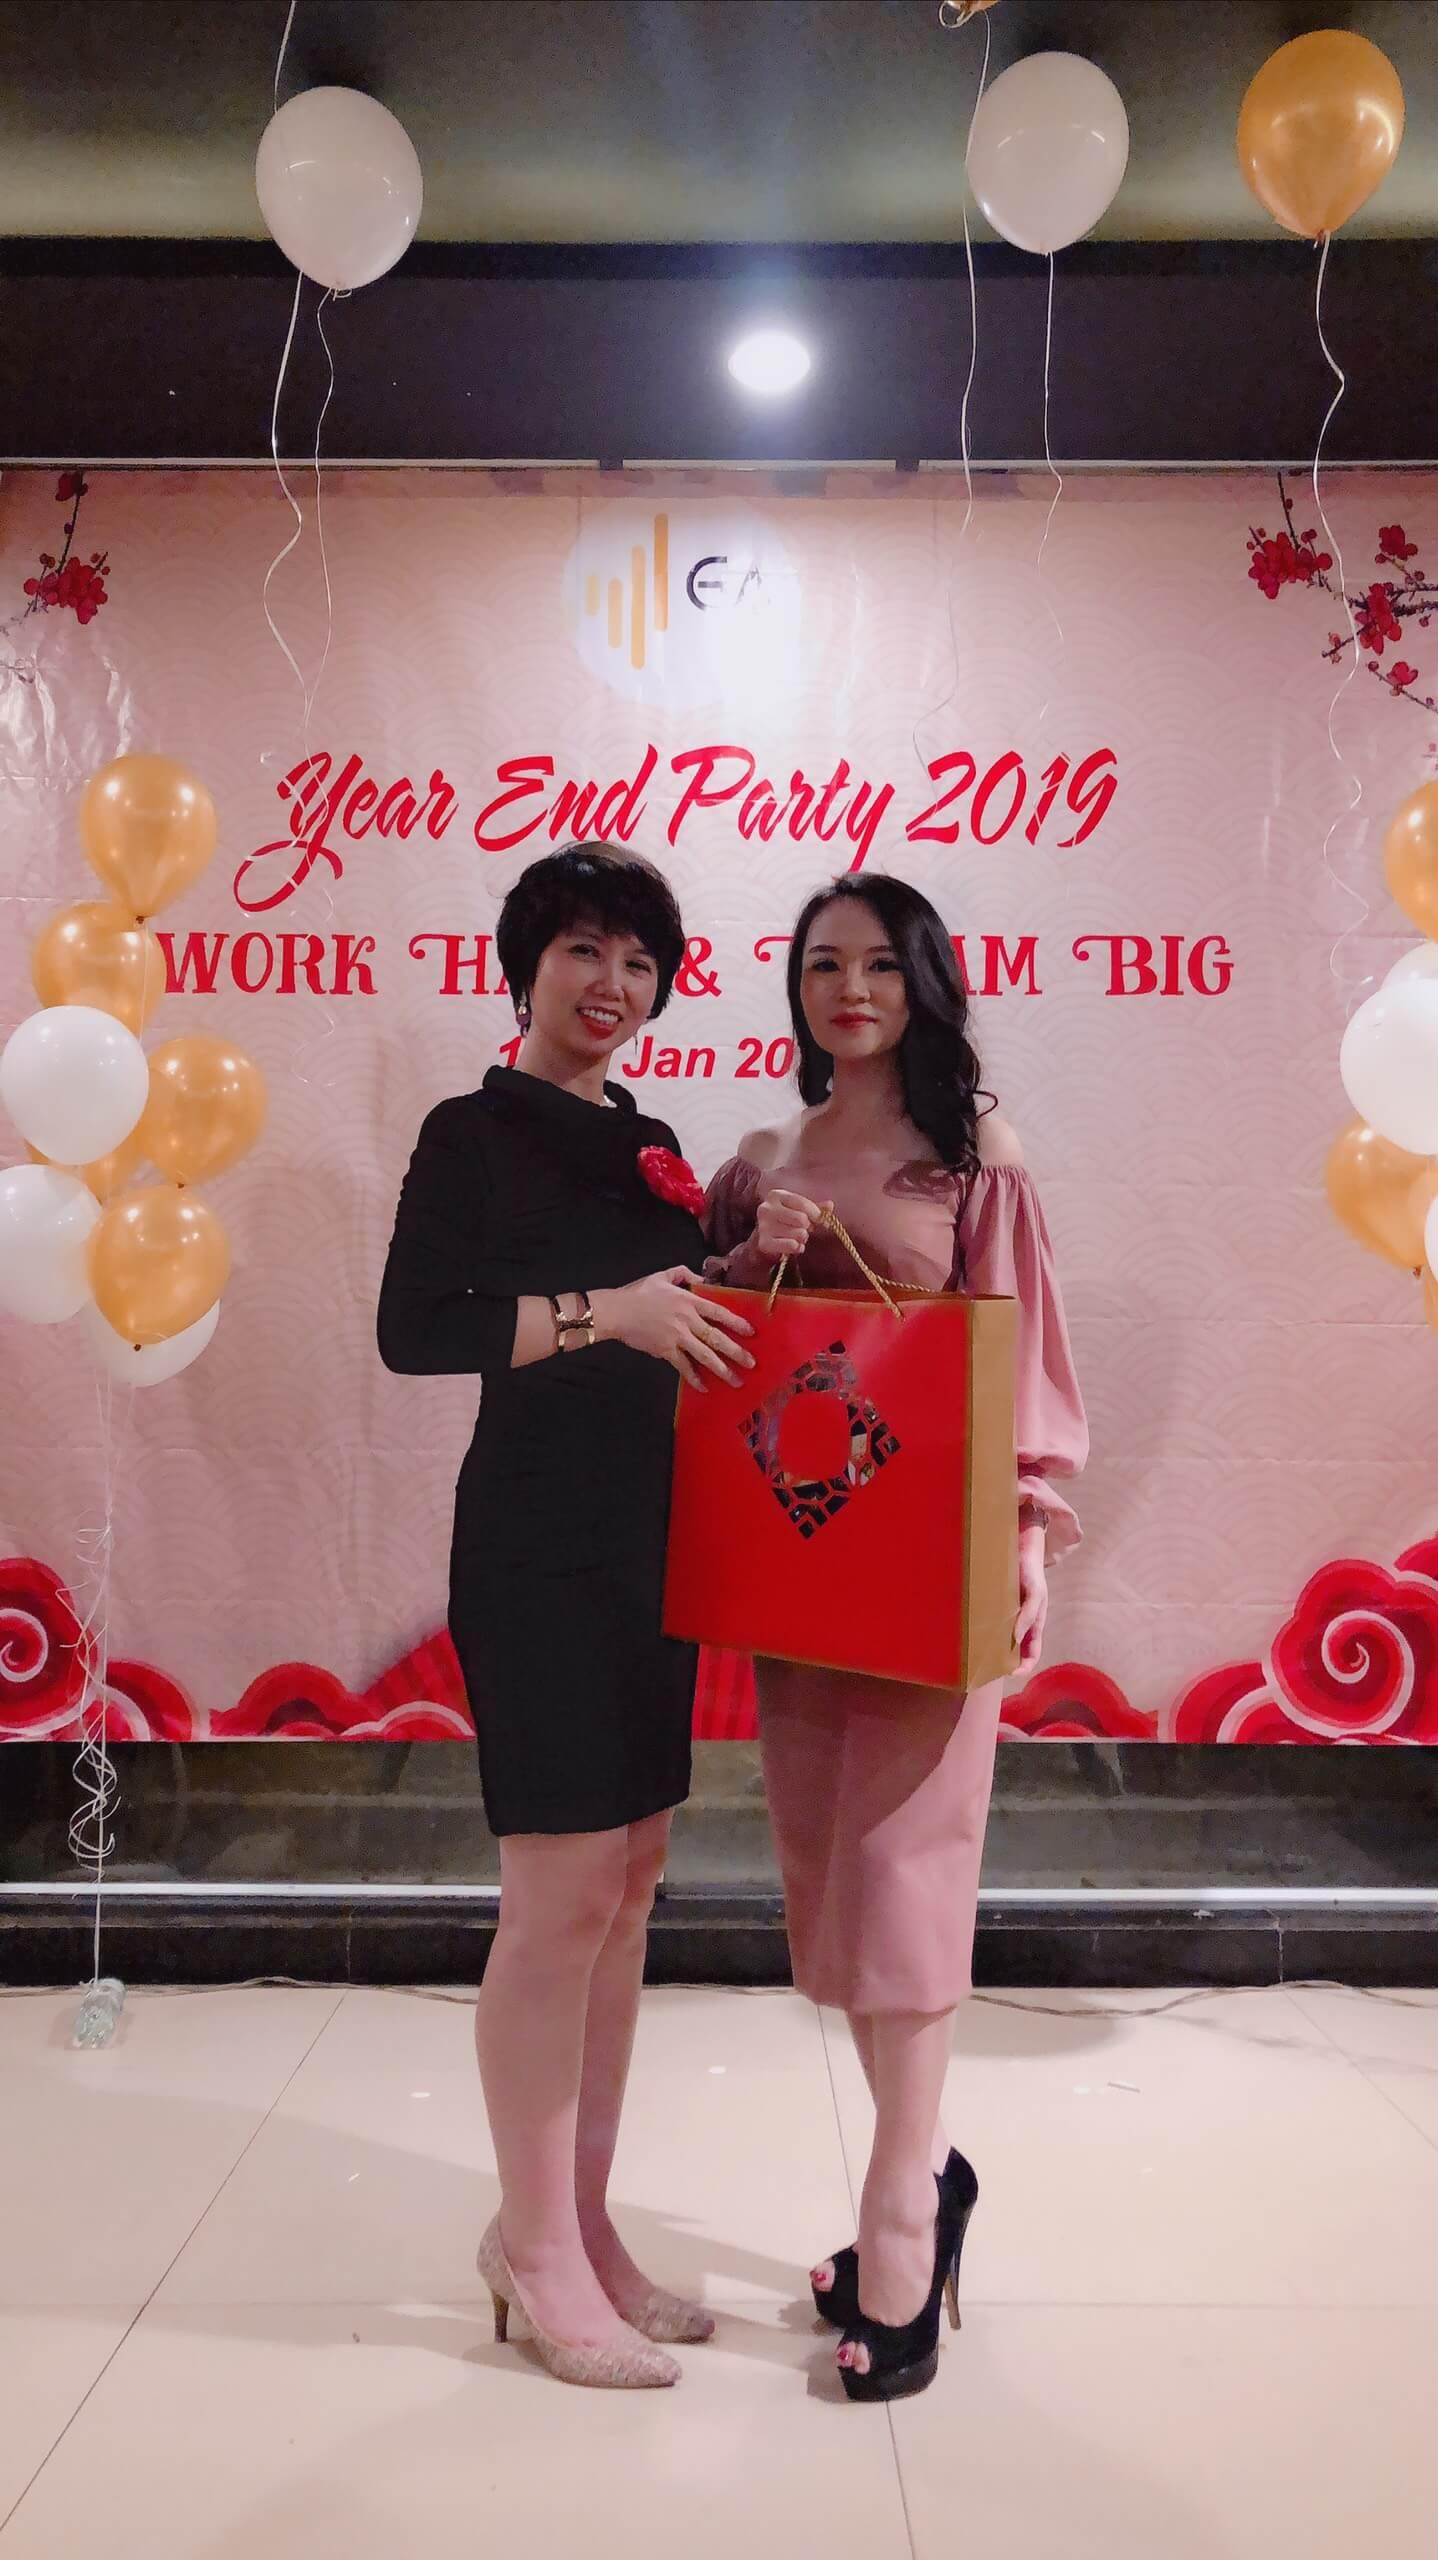 Year End Party 2019 Tang qua khach moi